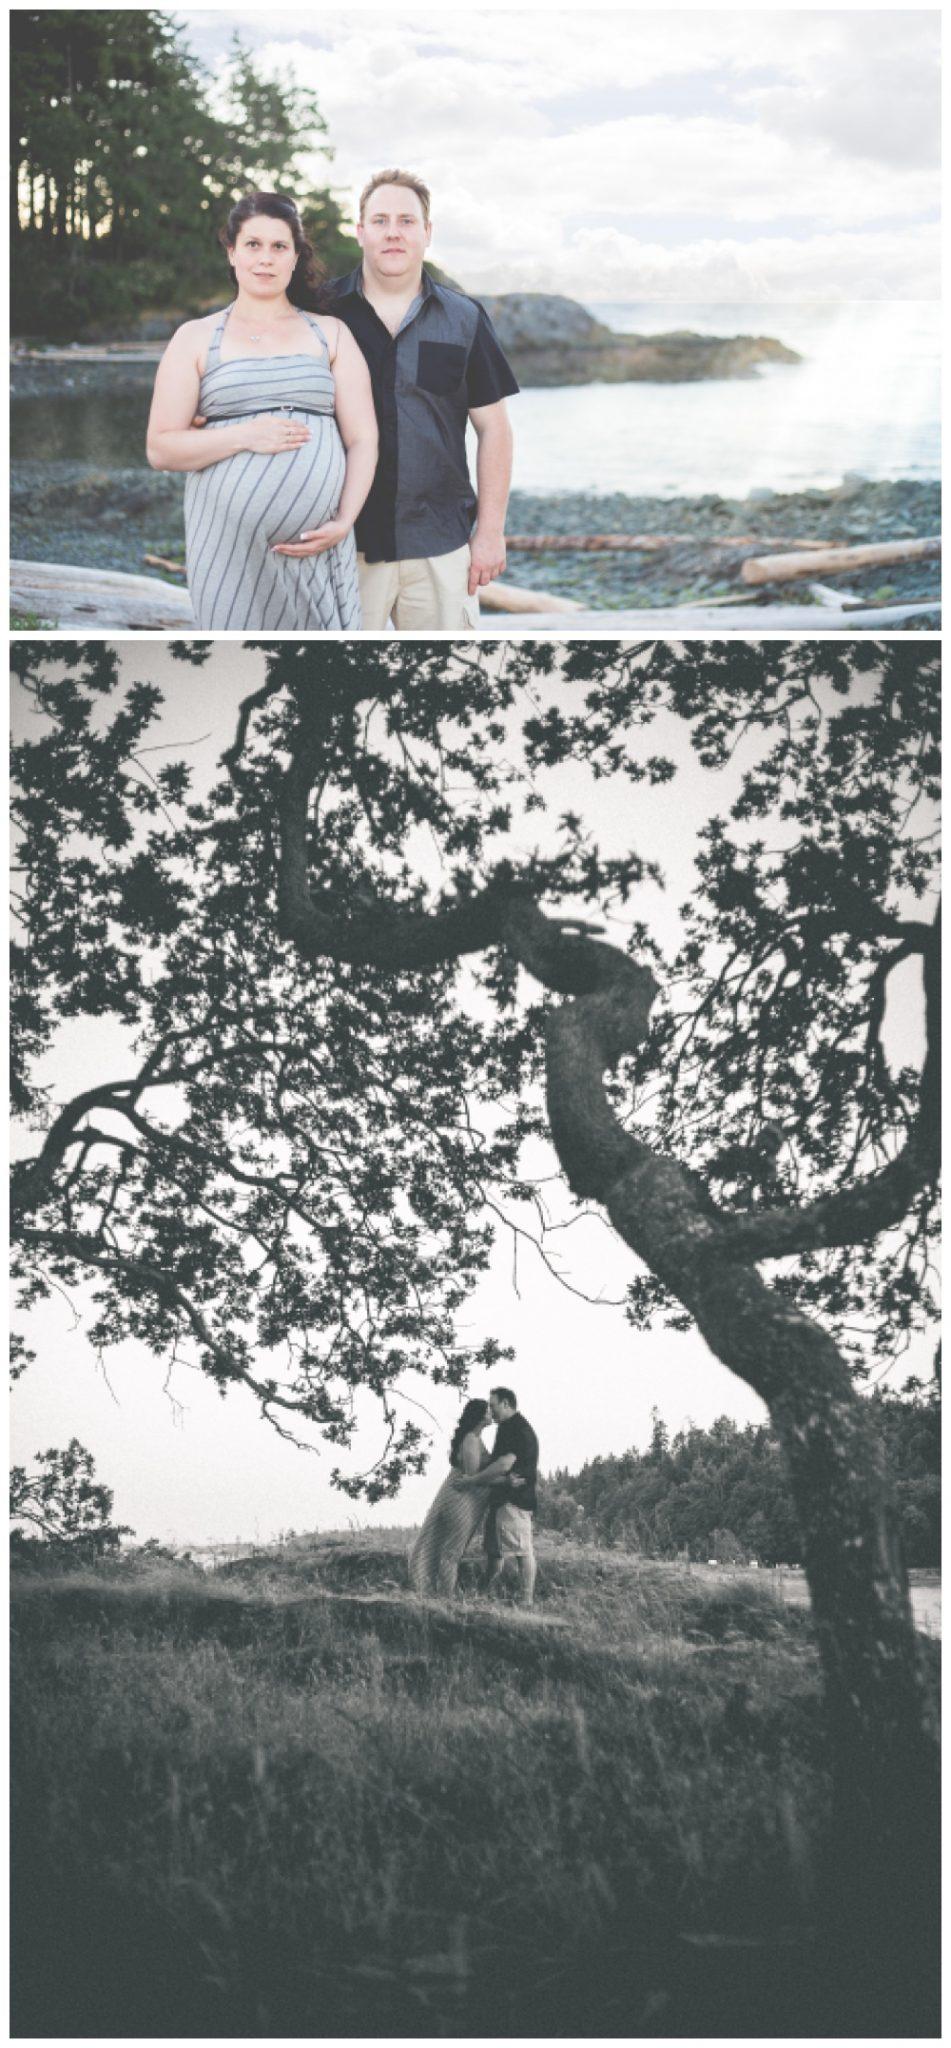 Romanti maternity images at nanaimo park